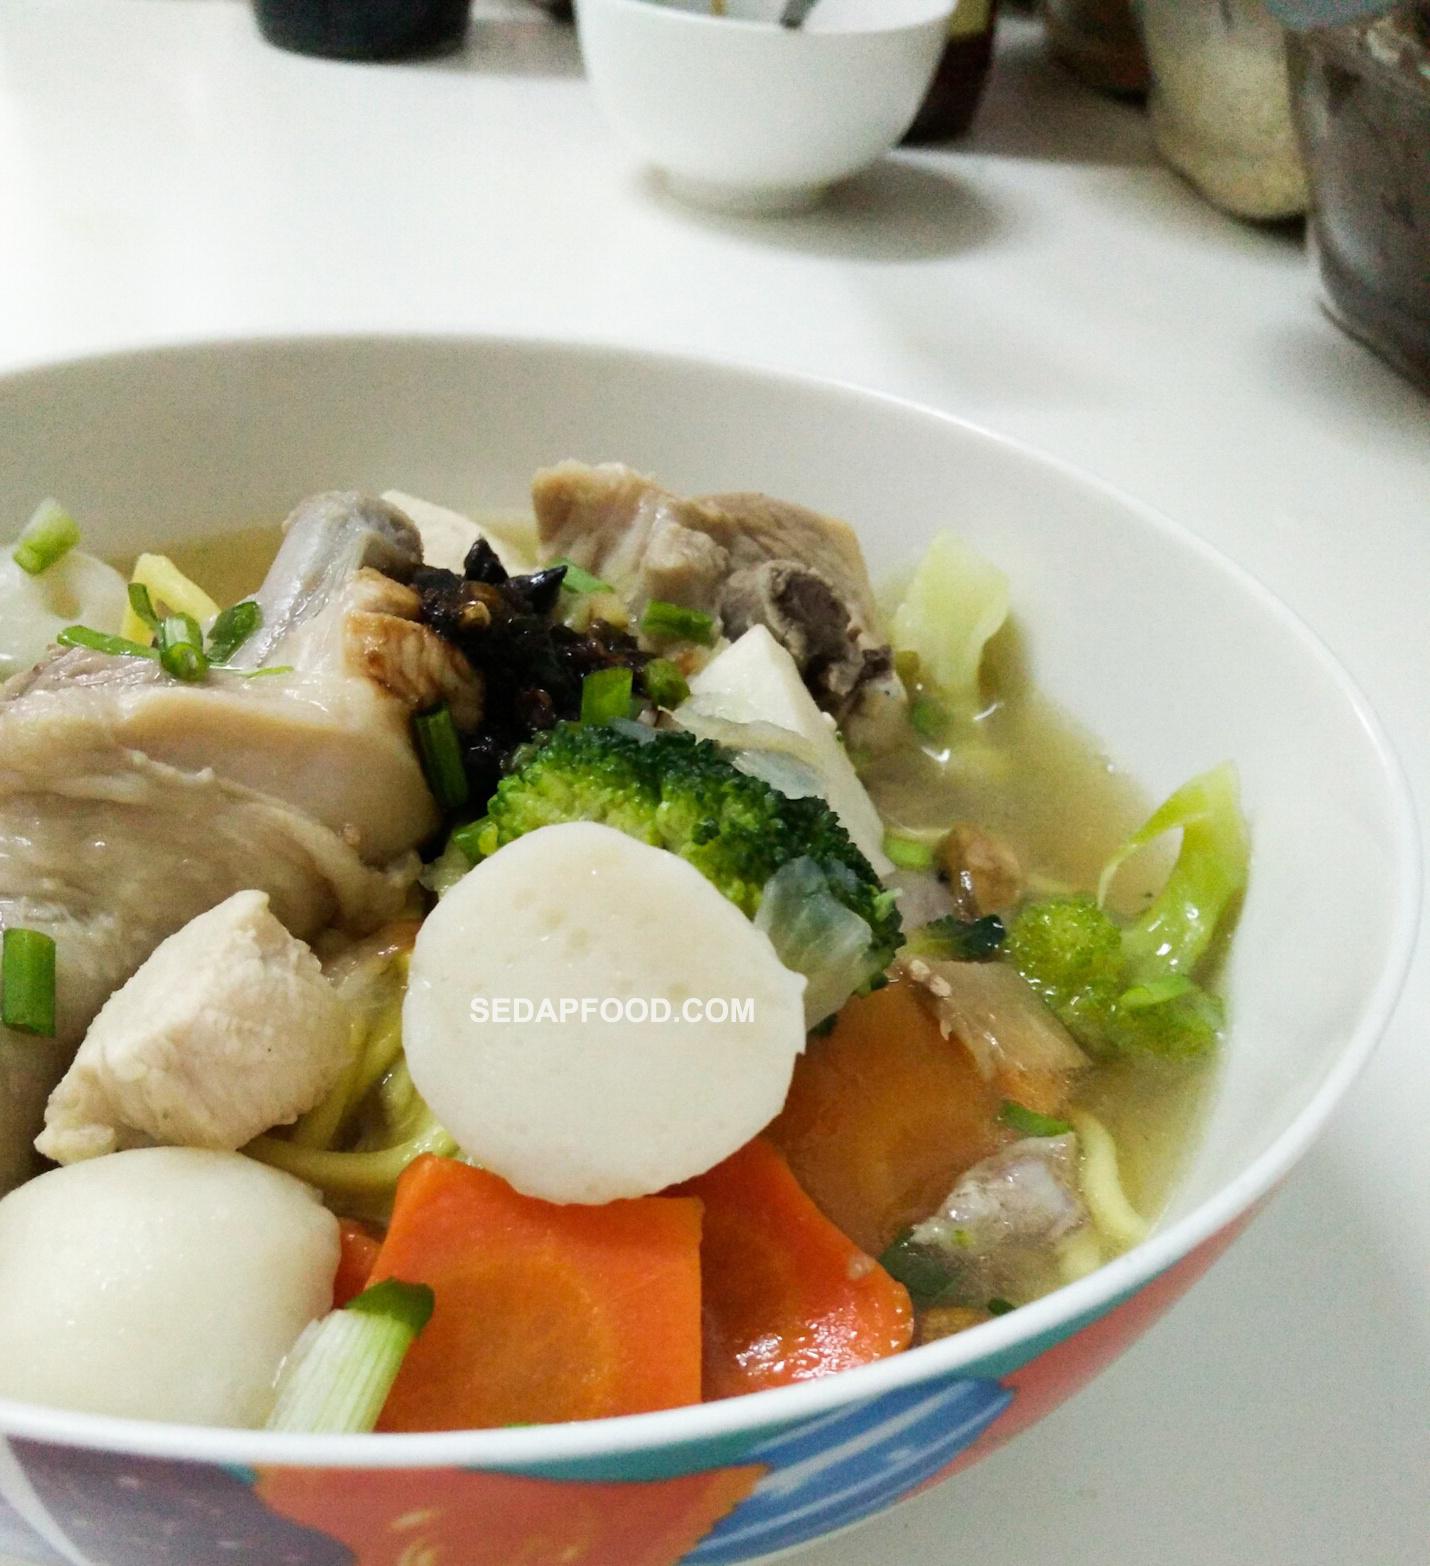 Resepi Sup Ayam Simple Cicah Sambal Kicap Sedap